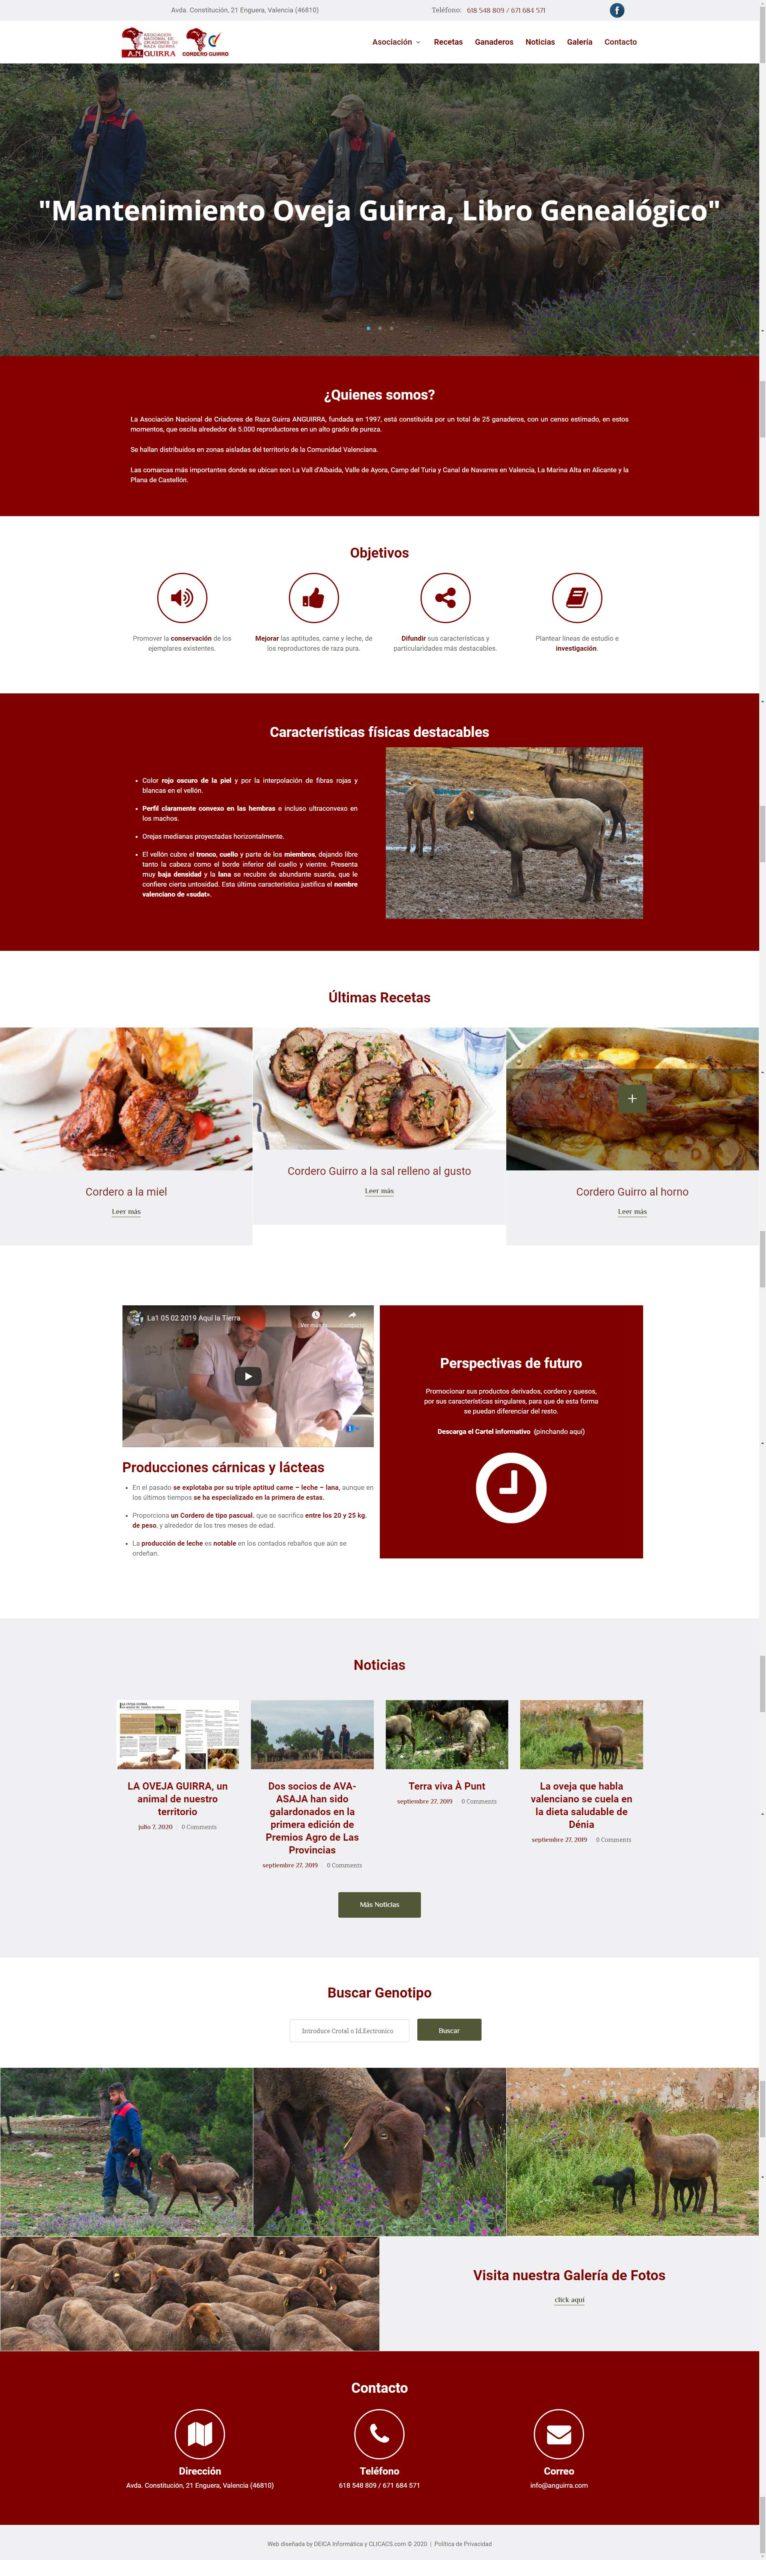 diseño de página web de anguirra